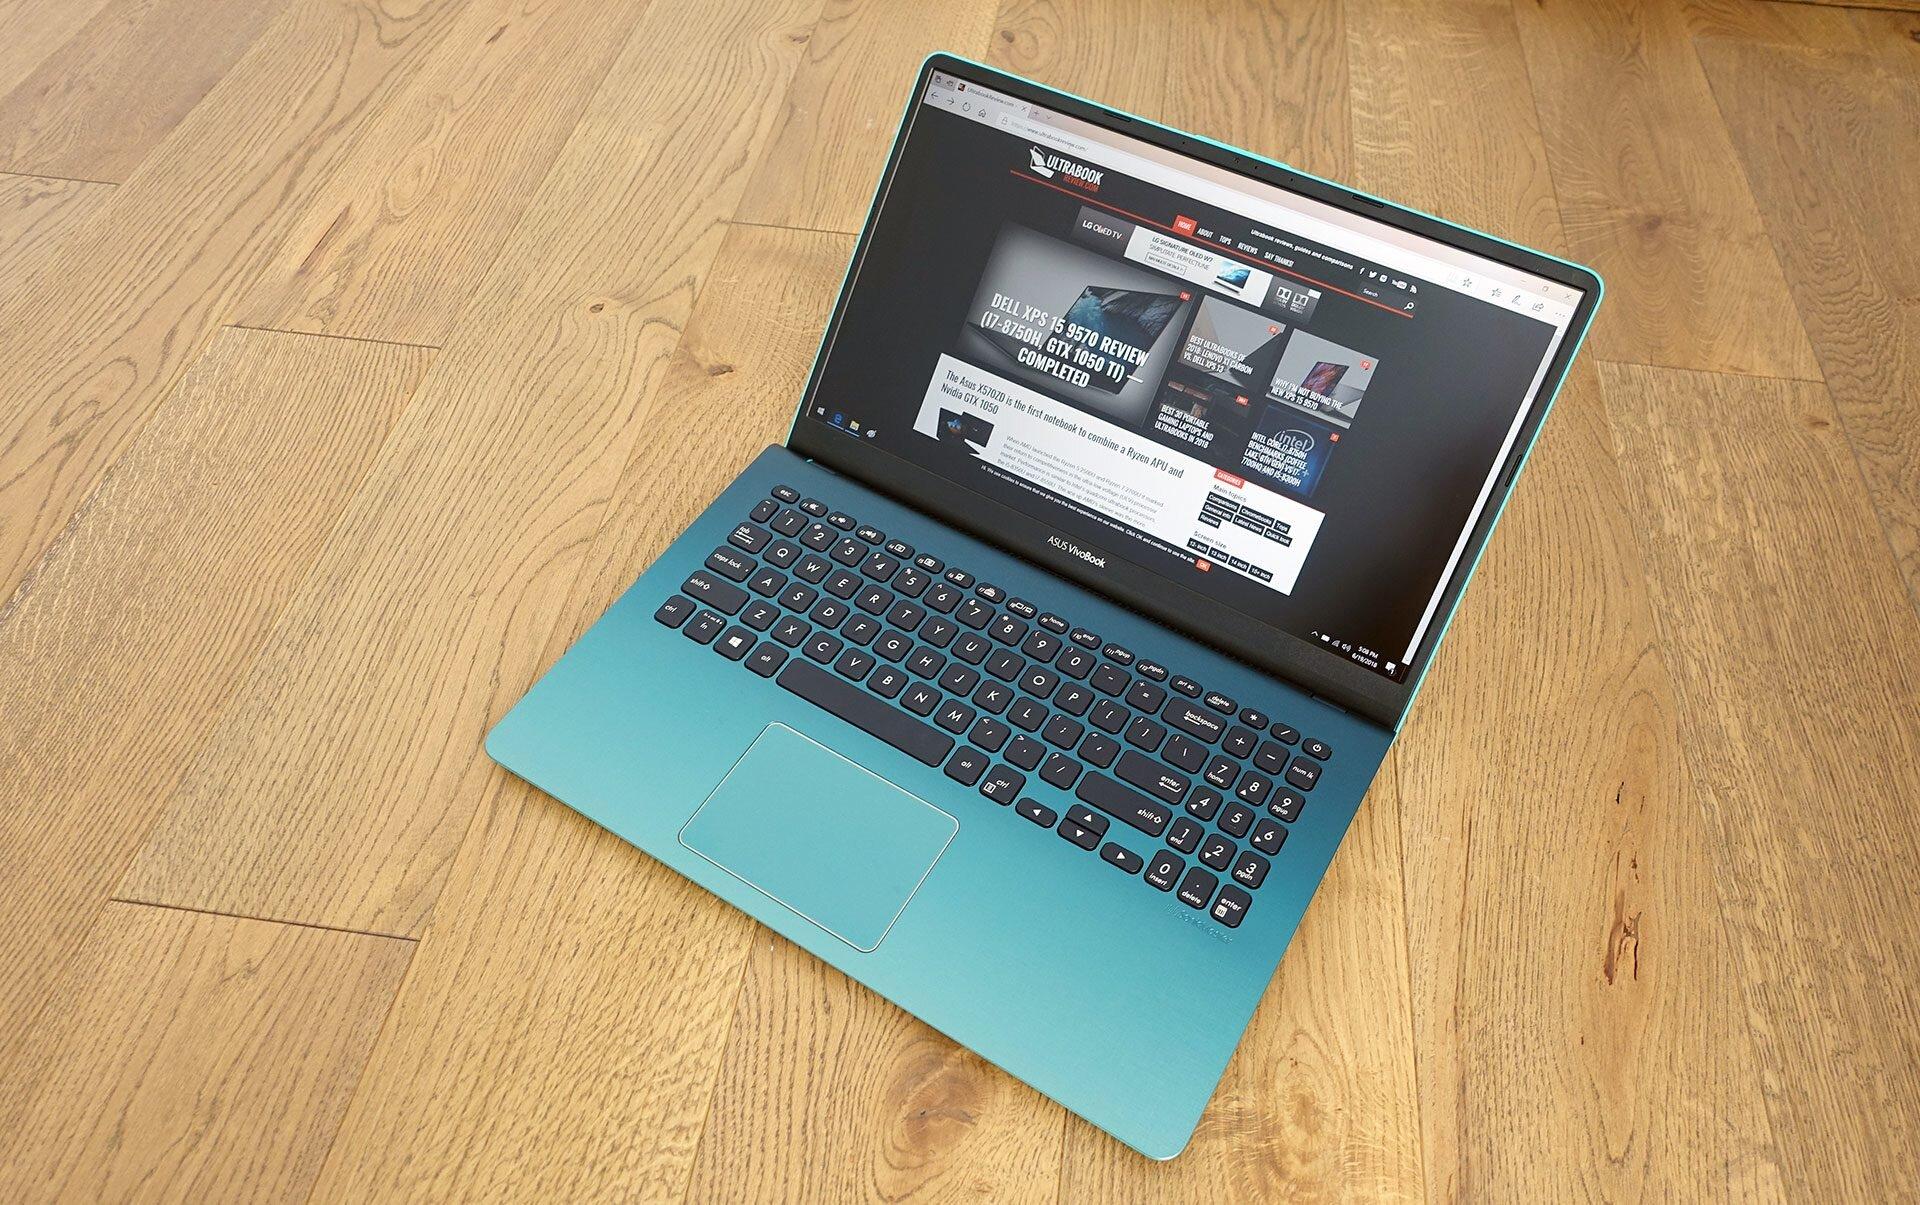 Chiếc laptop Ultrabook xử lý tác vụ tốt và cấu hình ổn định